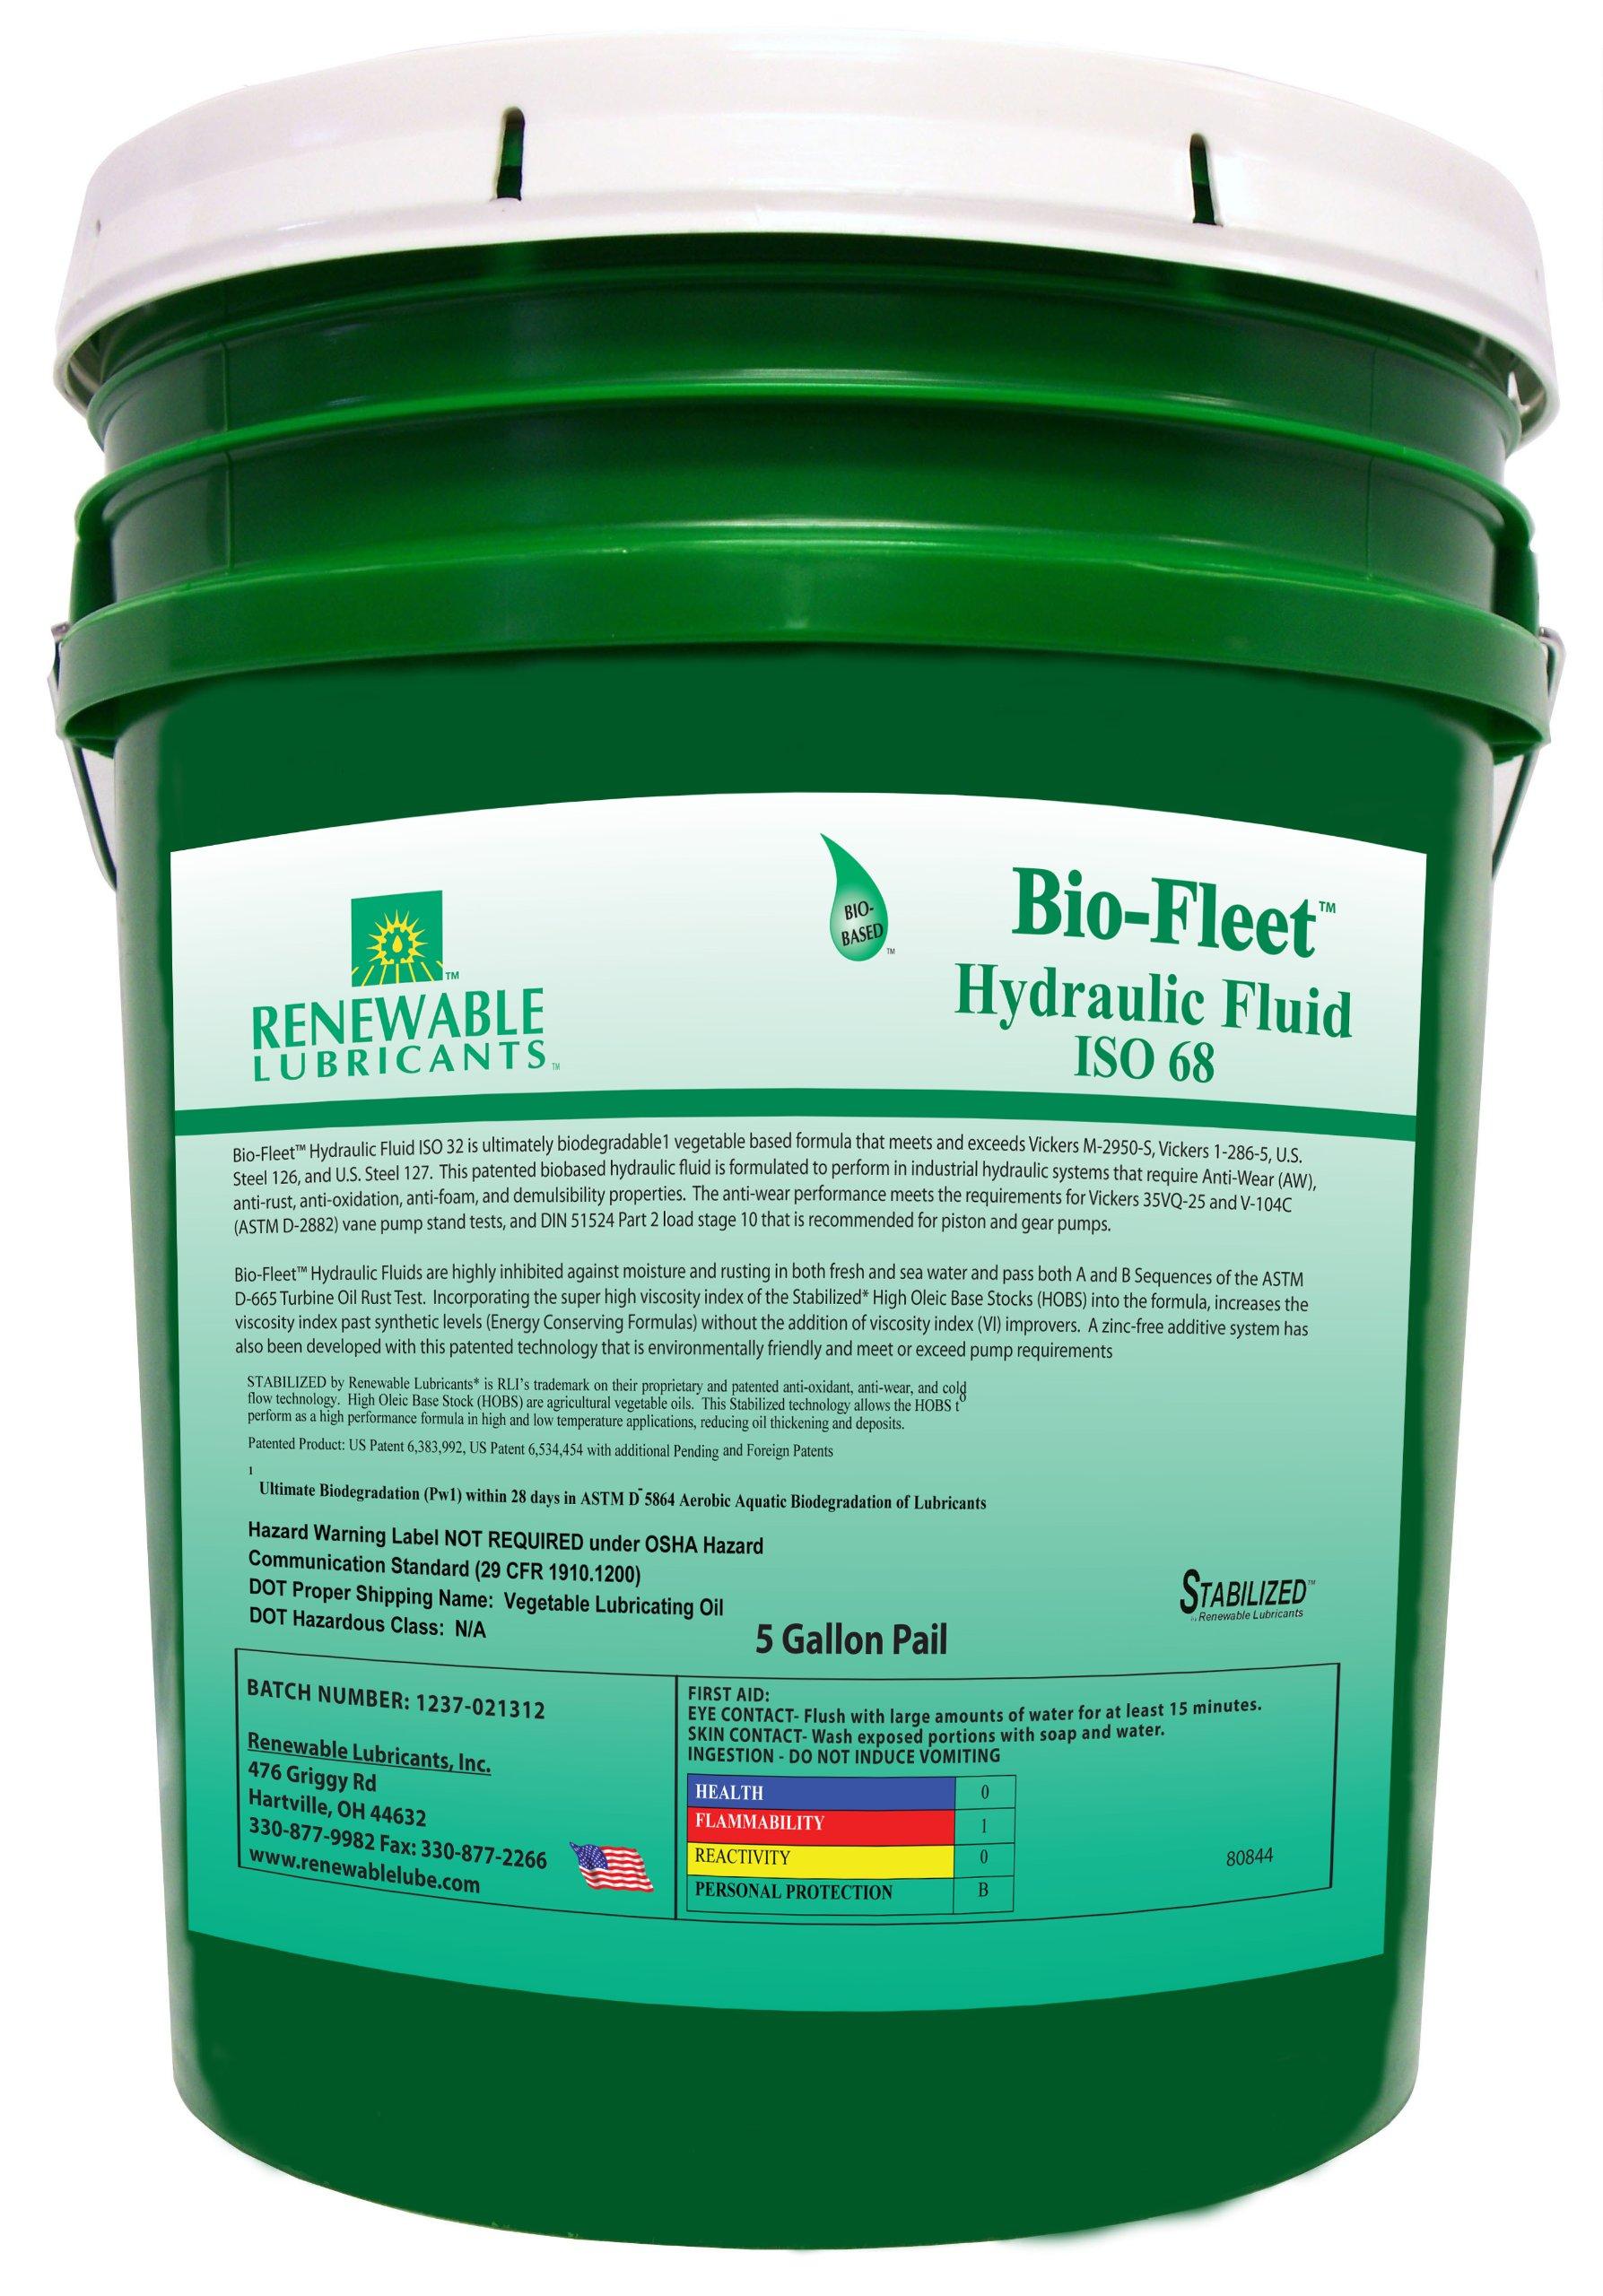 Renewable Lubricants Bio-Fleet ISO 68 Hydraulic Lubricant, 5 Gallon Pail by Renewable Lubricants